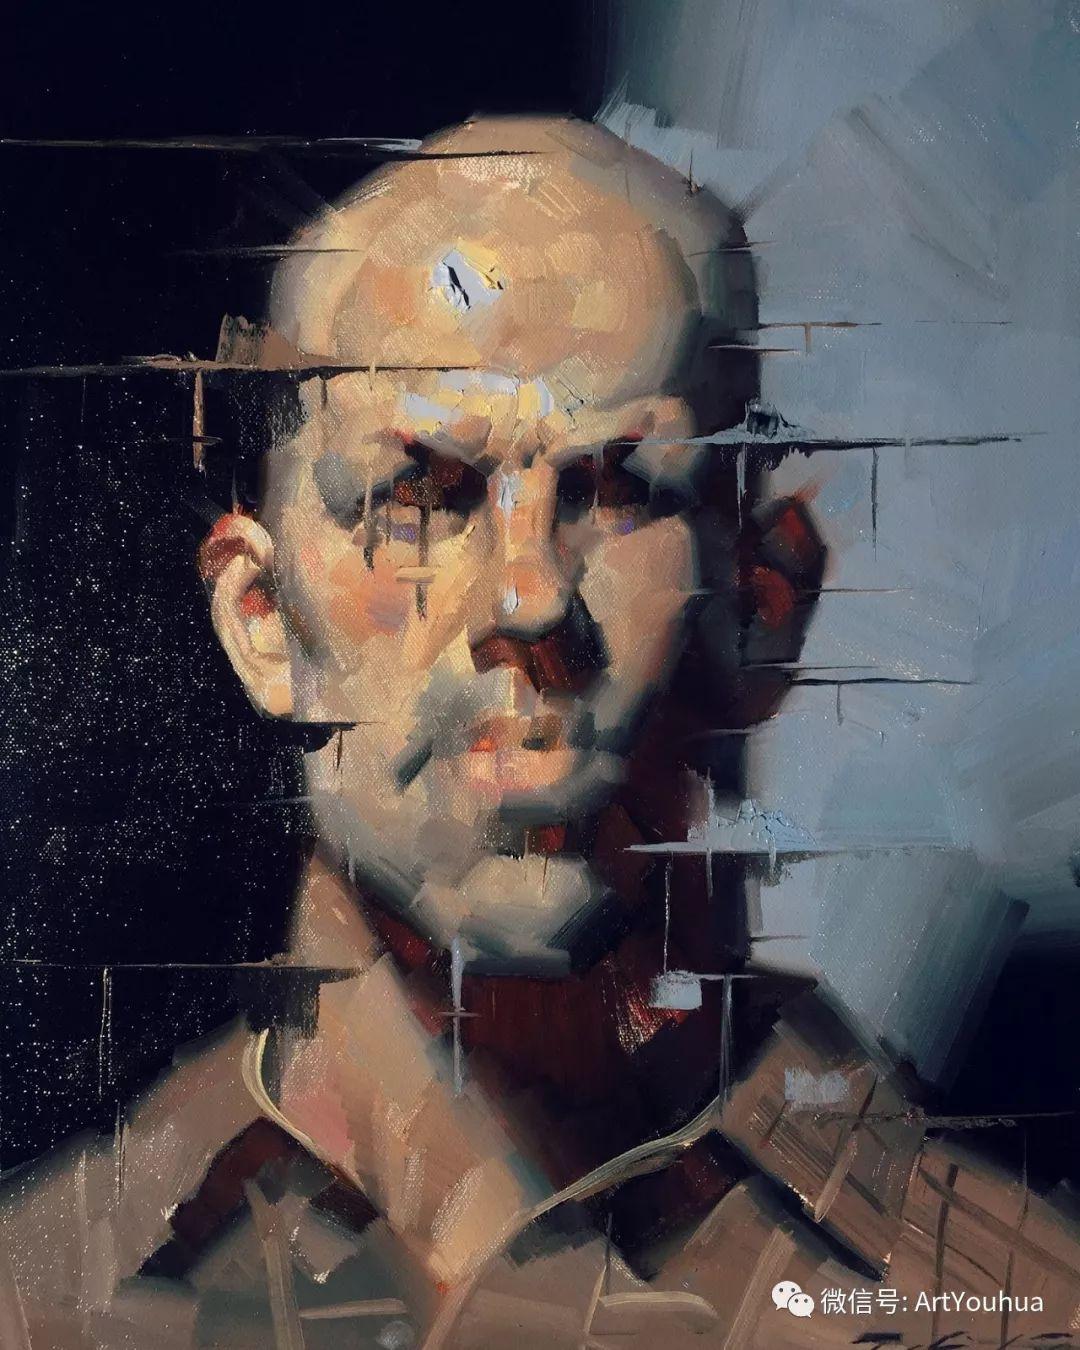 他的人物肖像绘画独具一格 还是位80后画家插图37